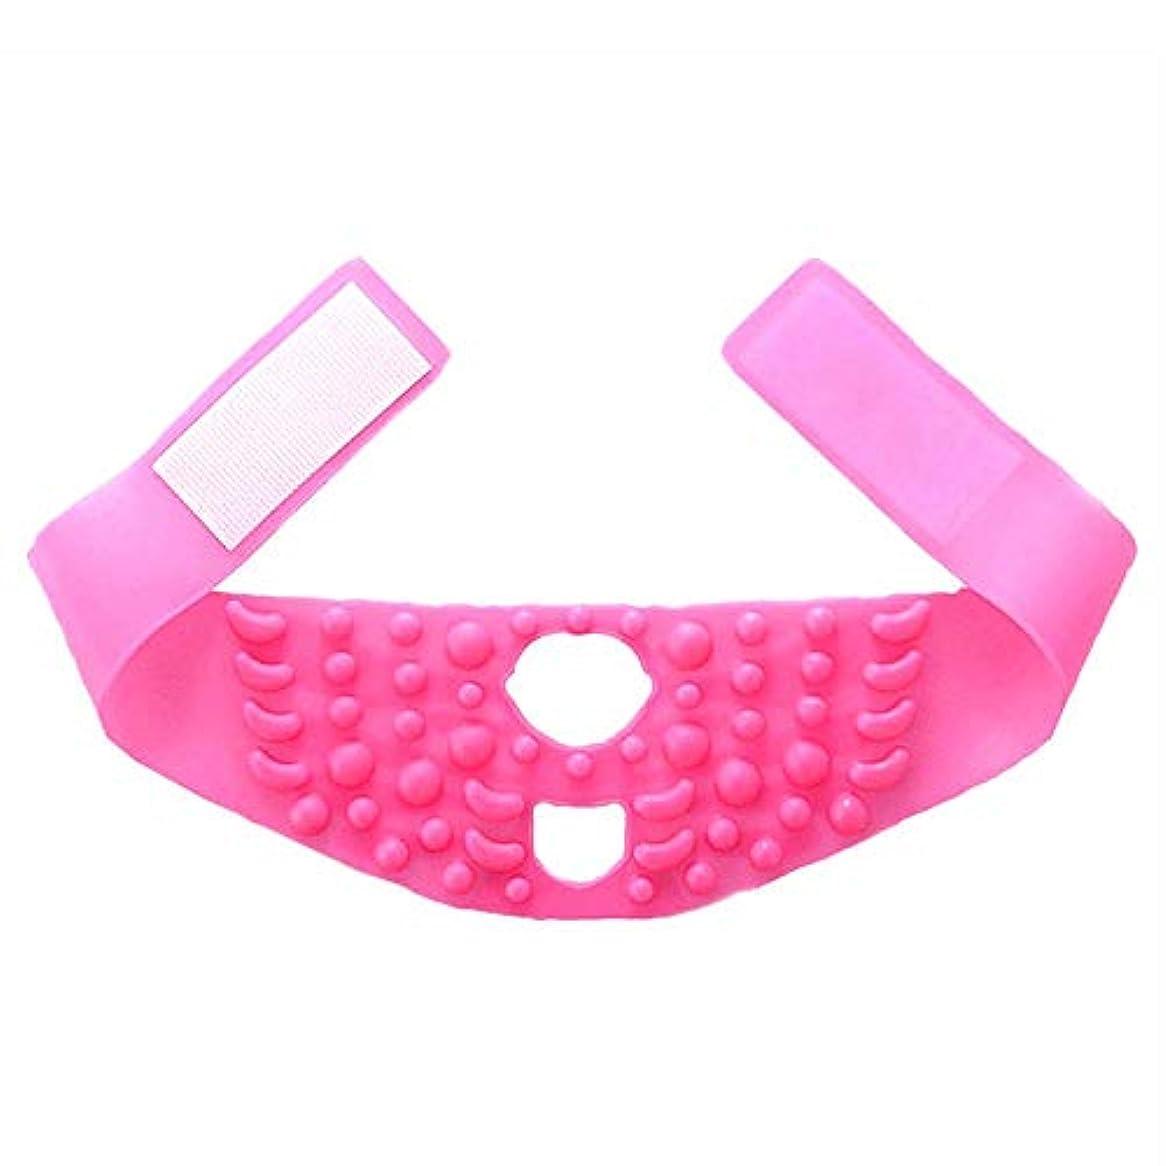 頬骨後にもかかわらずJia Jia- シンフェイスマスクシリコーンマッサージ引き締まった形の小さなVフェイスリフティングに薄いフェイスアーティファクト包帯を飾る - ピンク 顔面包帯